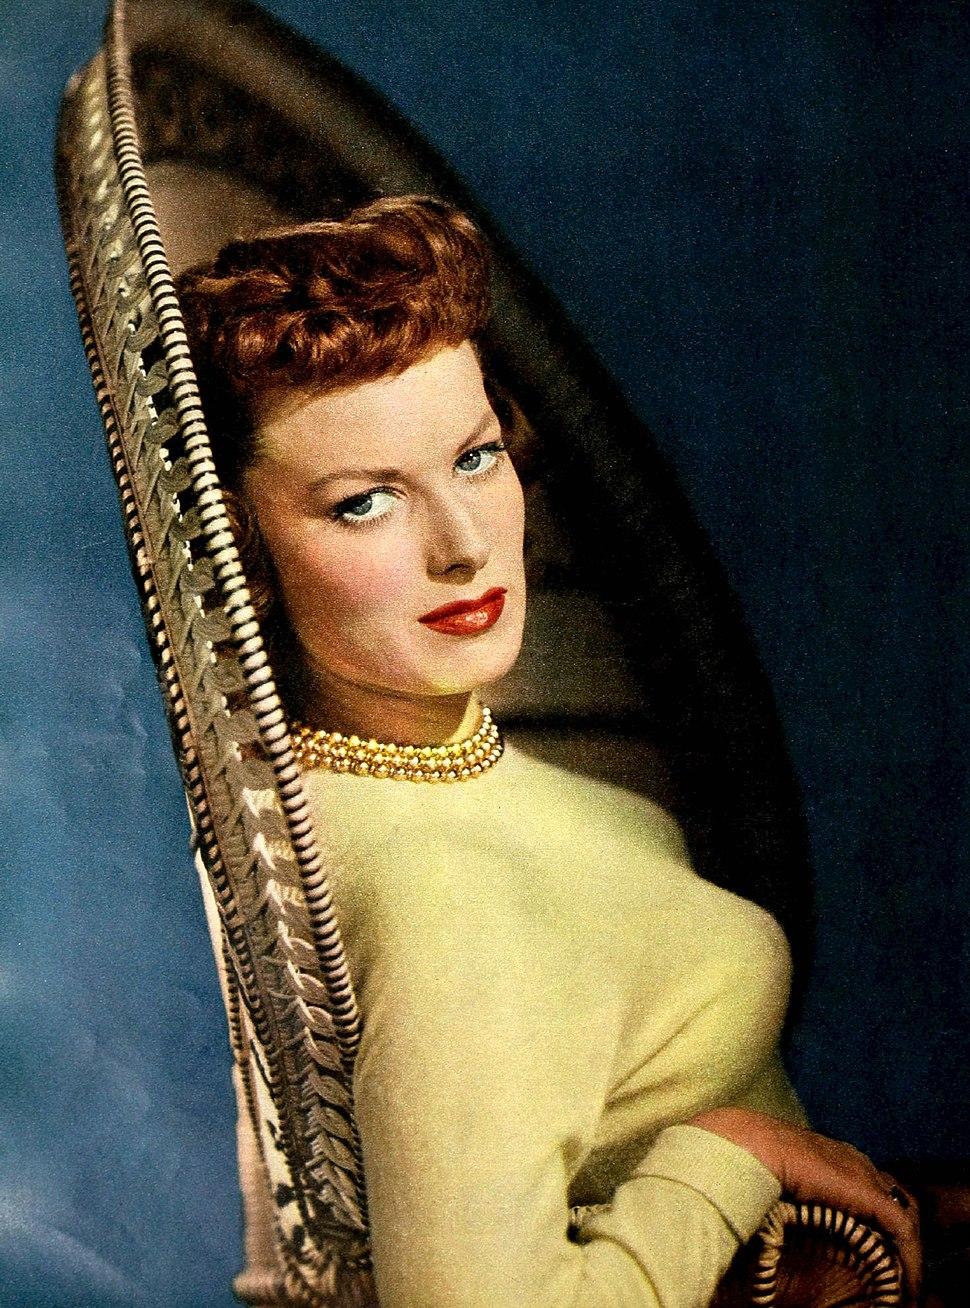 Maureen O'Hara 1950